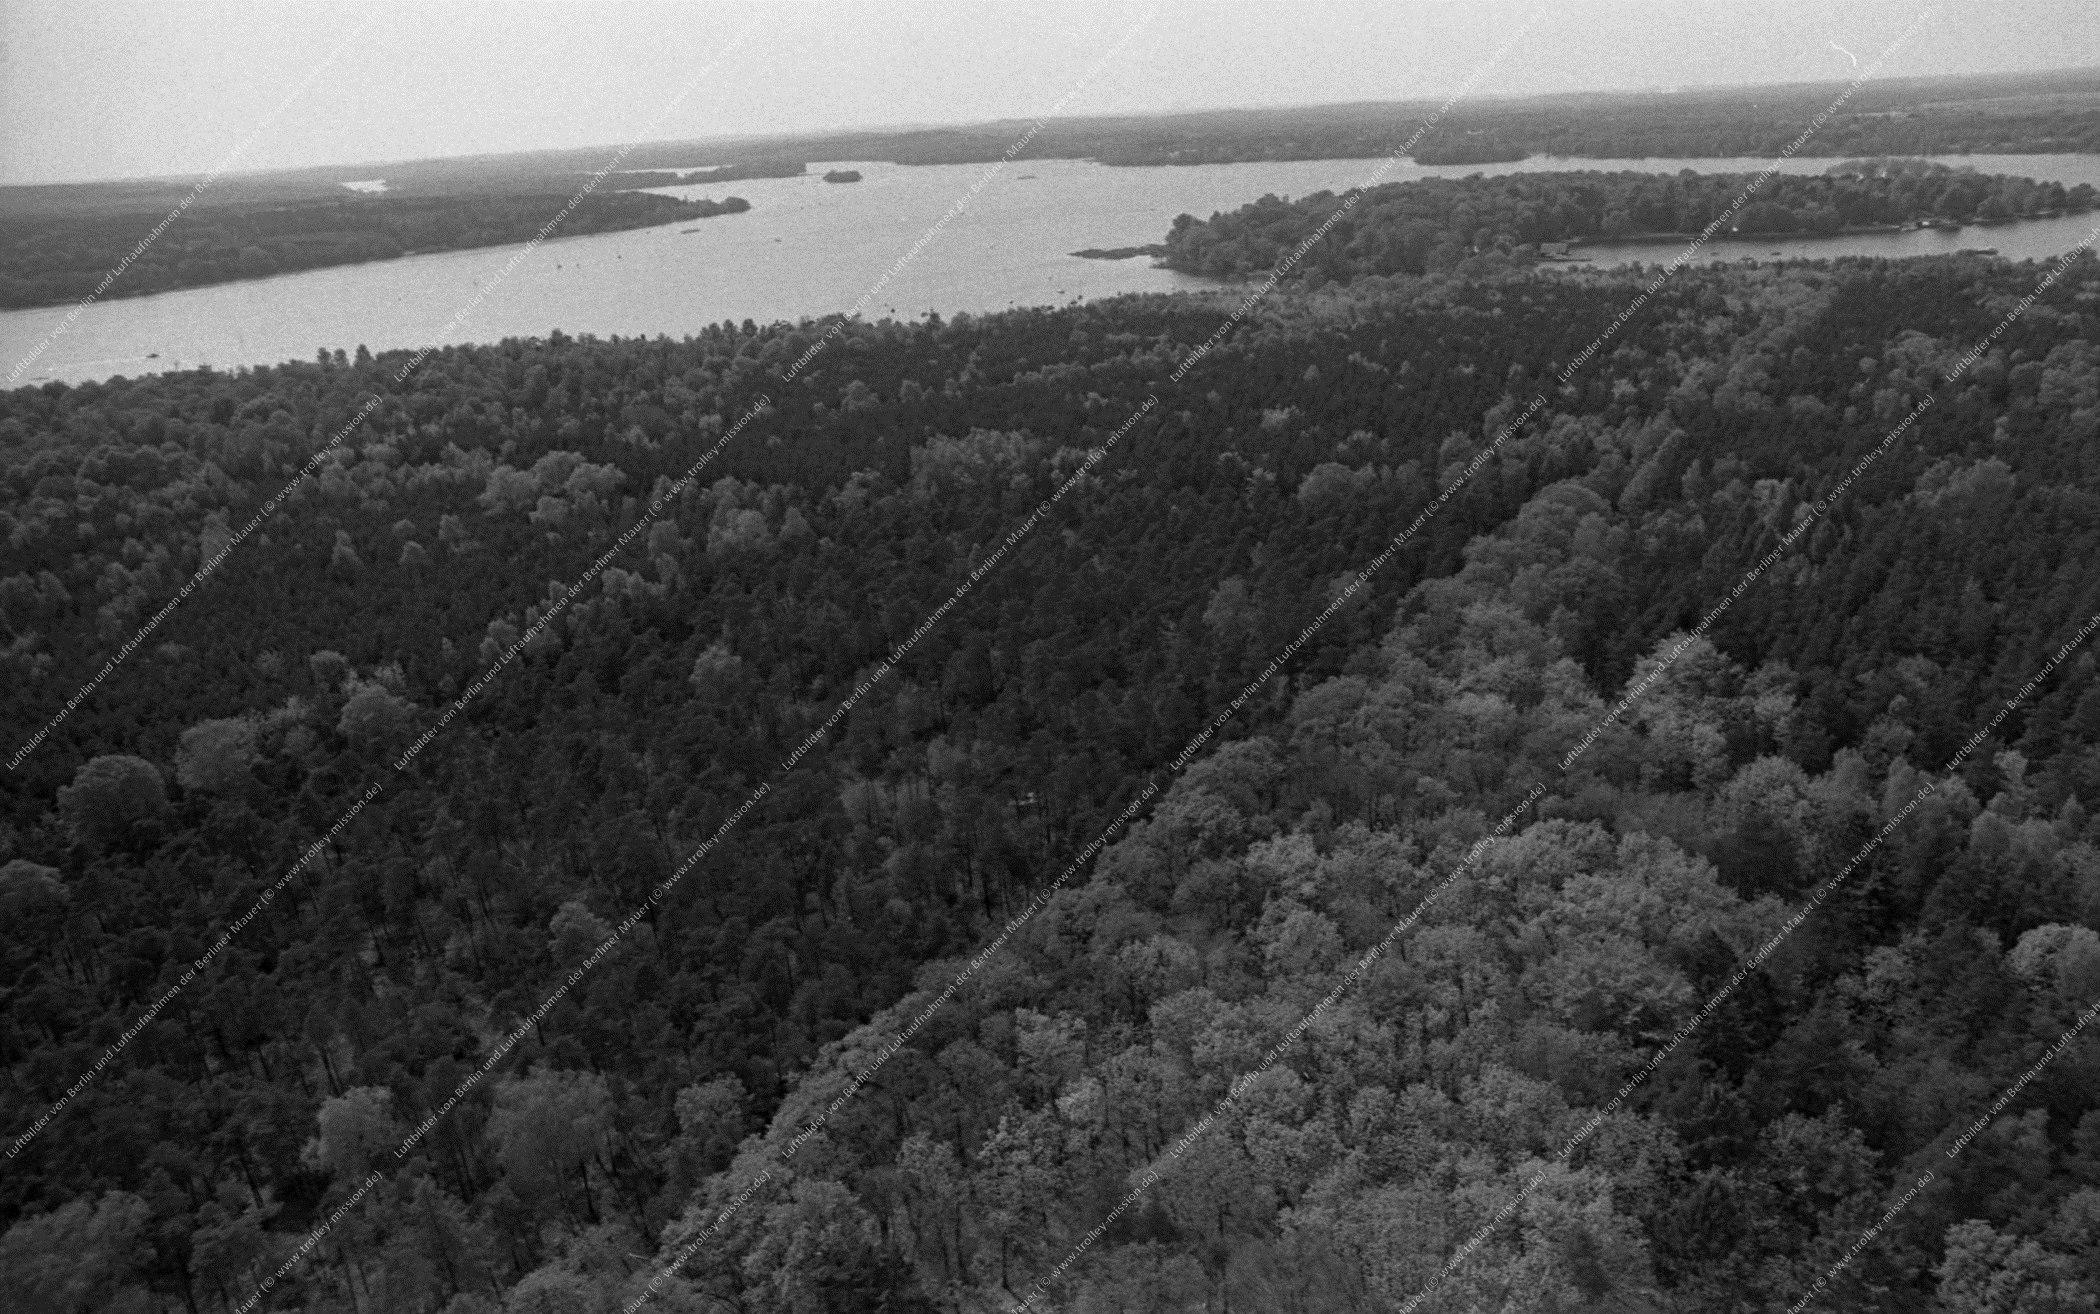 Luftbild der Insel Schwanenwerder am Großen Wannsee vom 12. Mai 1984 (Bild 094)